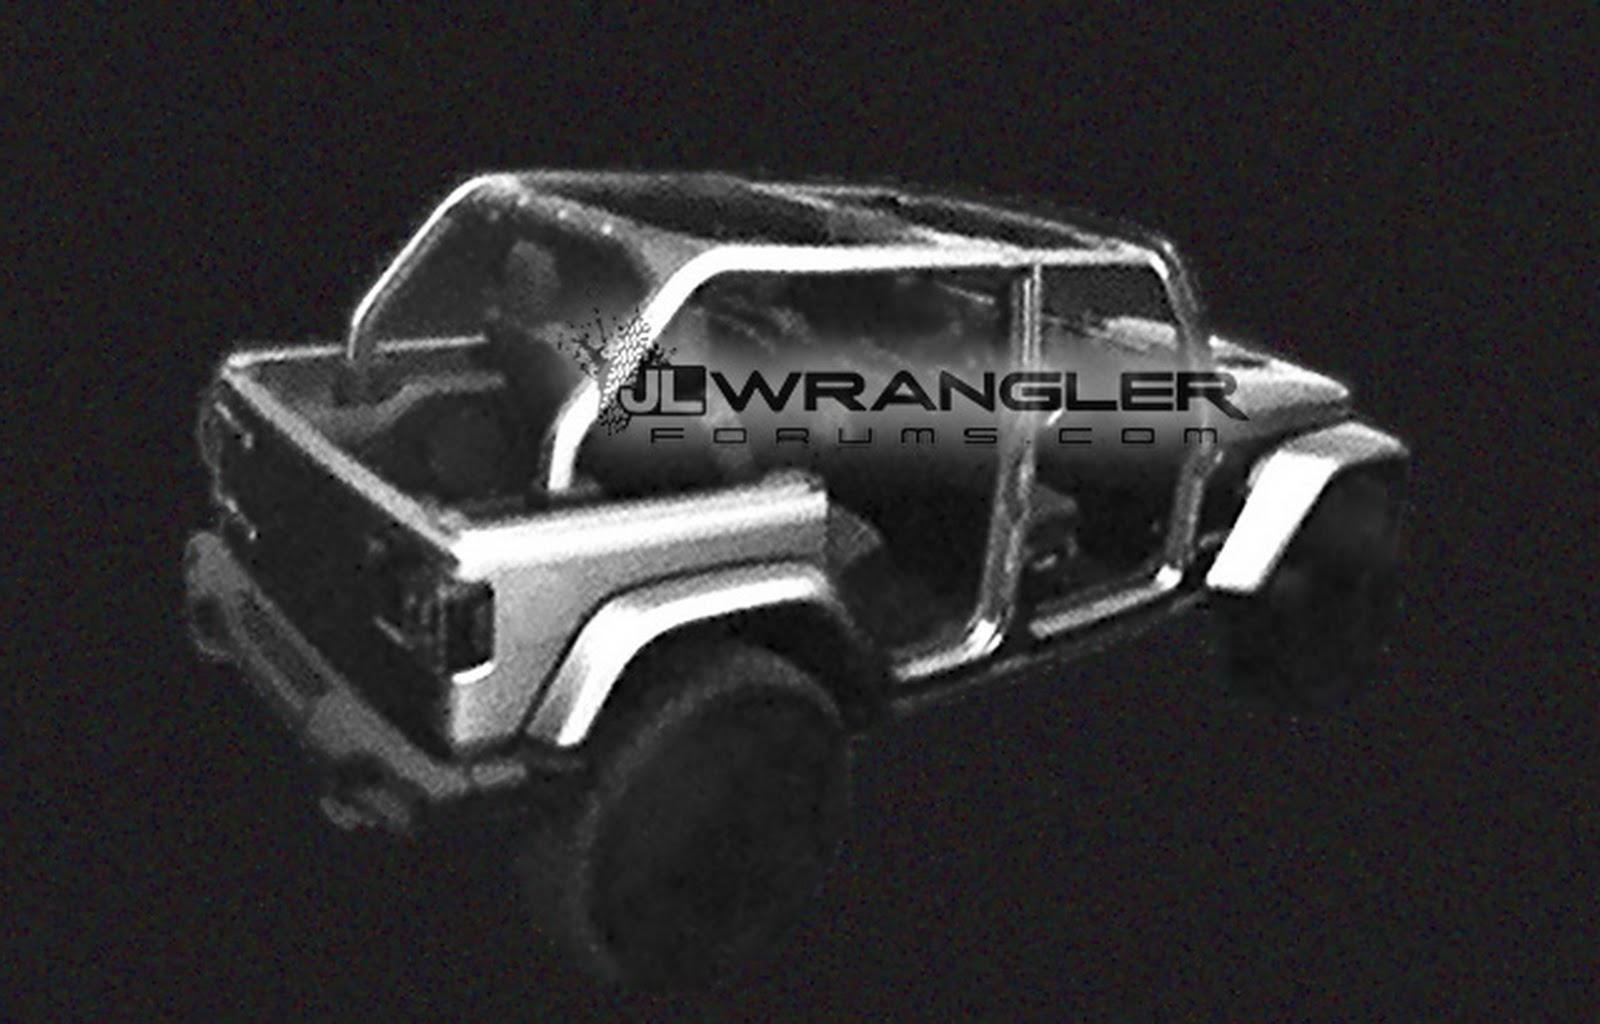 Первые изображения нового джипа Jeep WranglerJL